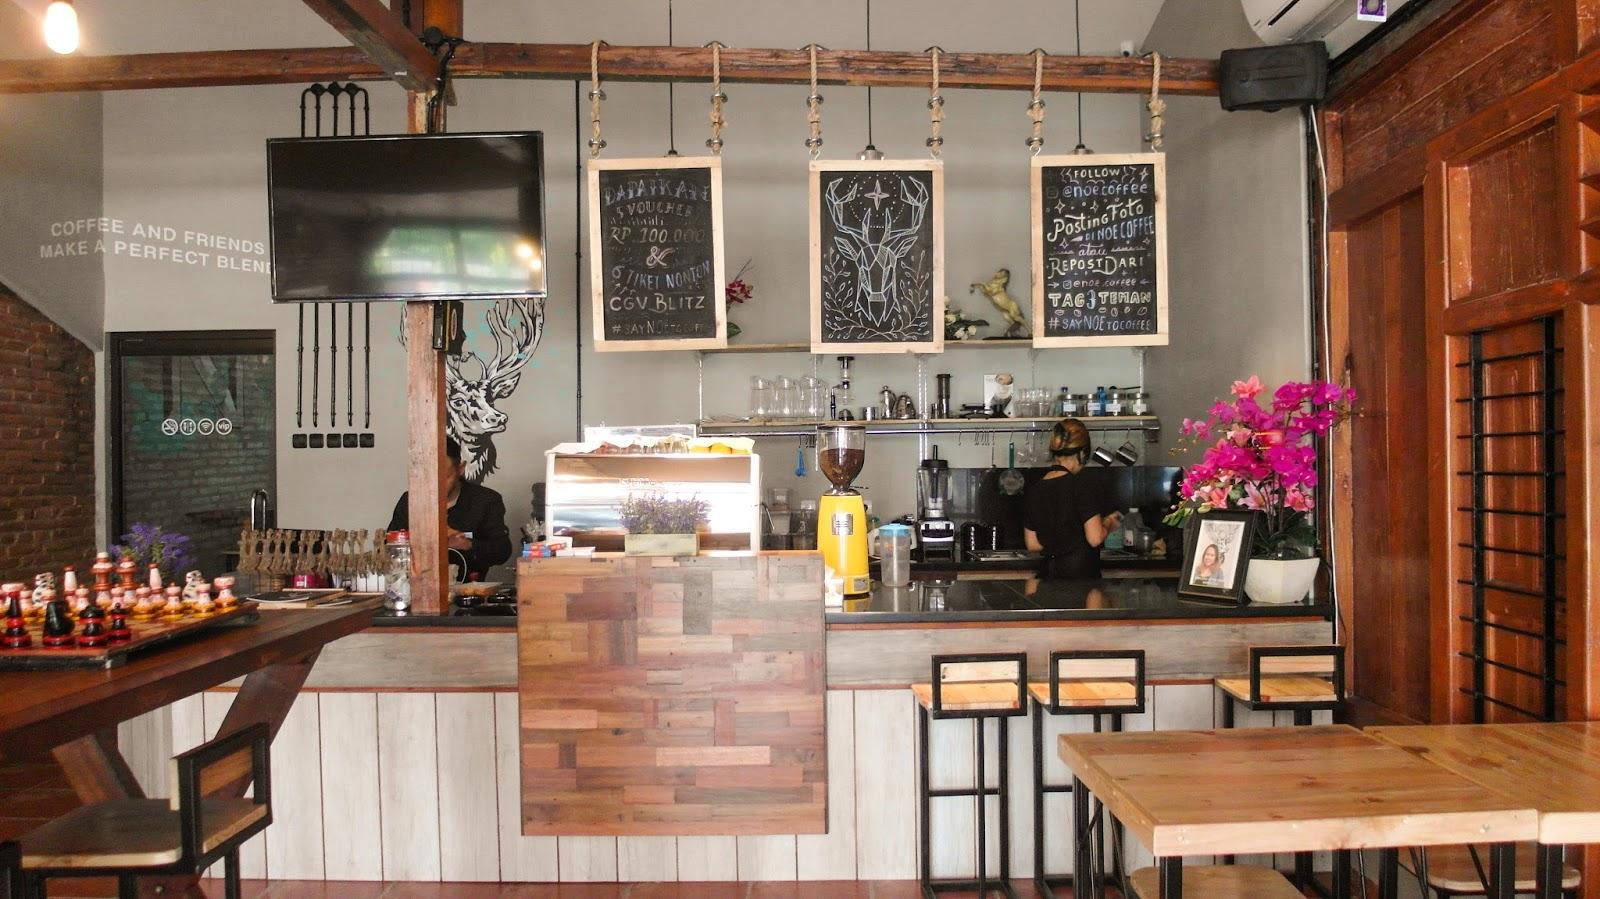 Noe coffee and kitchen berlokasi di jl dr wahidi sudirohusodo 68 yogyakarta buat yang belum tahu jl dr wahidi sudirohusodo itu dimana ada di selatan